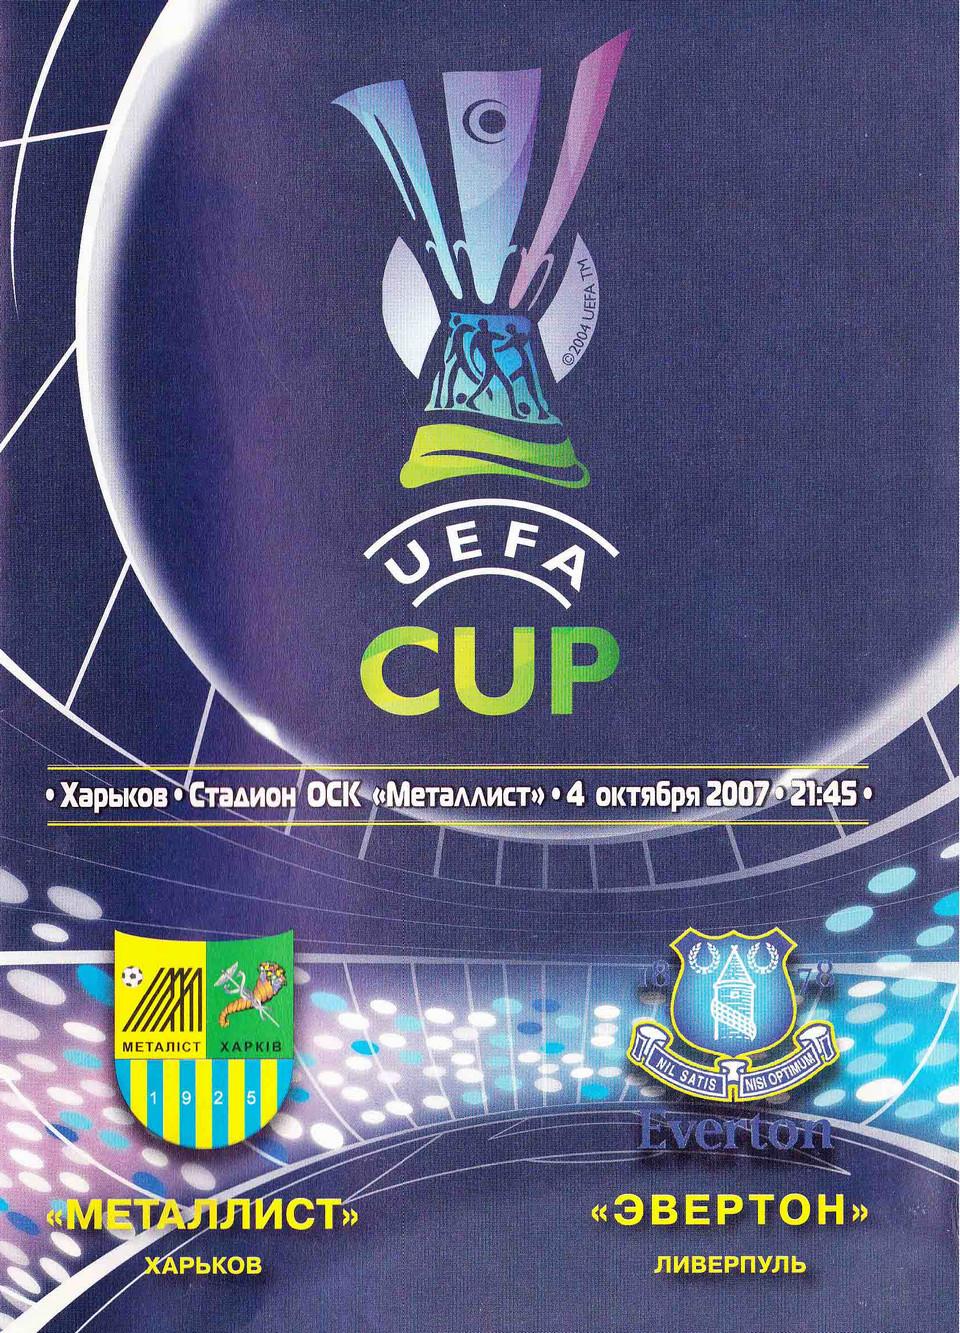 [Изображение: 2007-10-04_MKh-Everton_2-3_01.jpg]